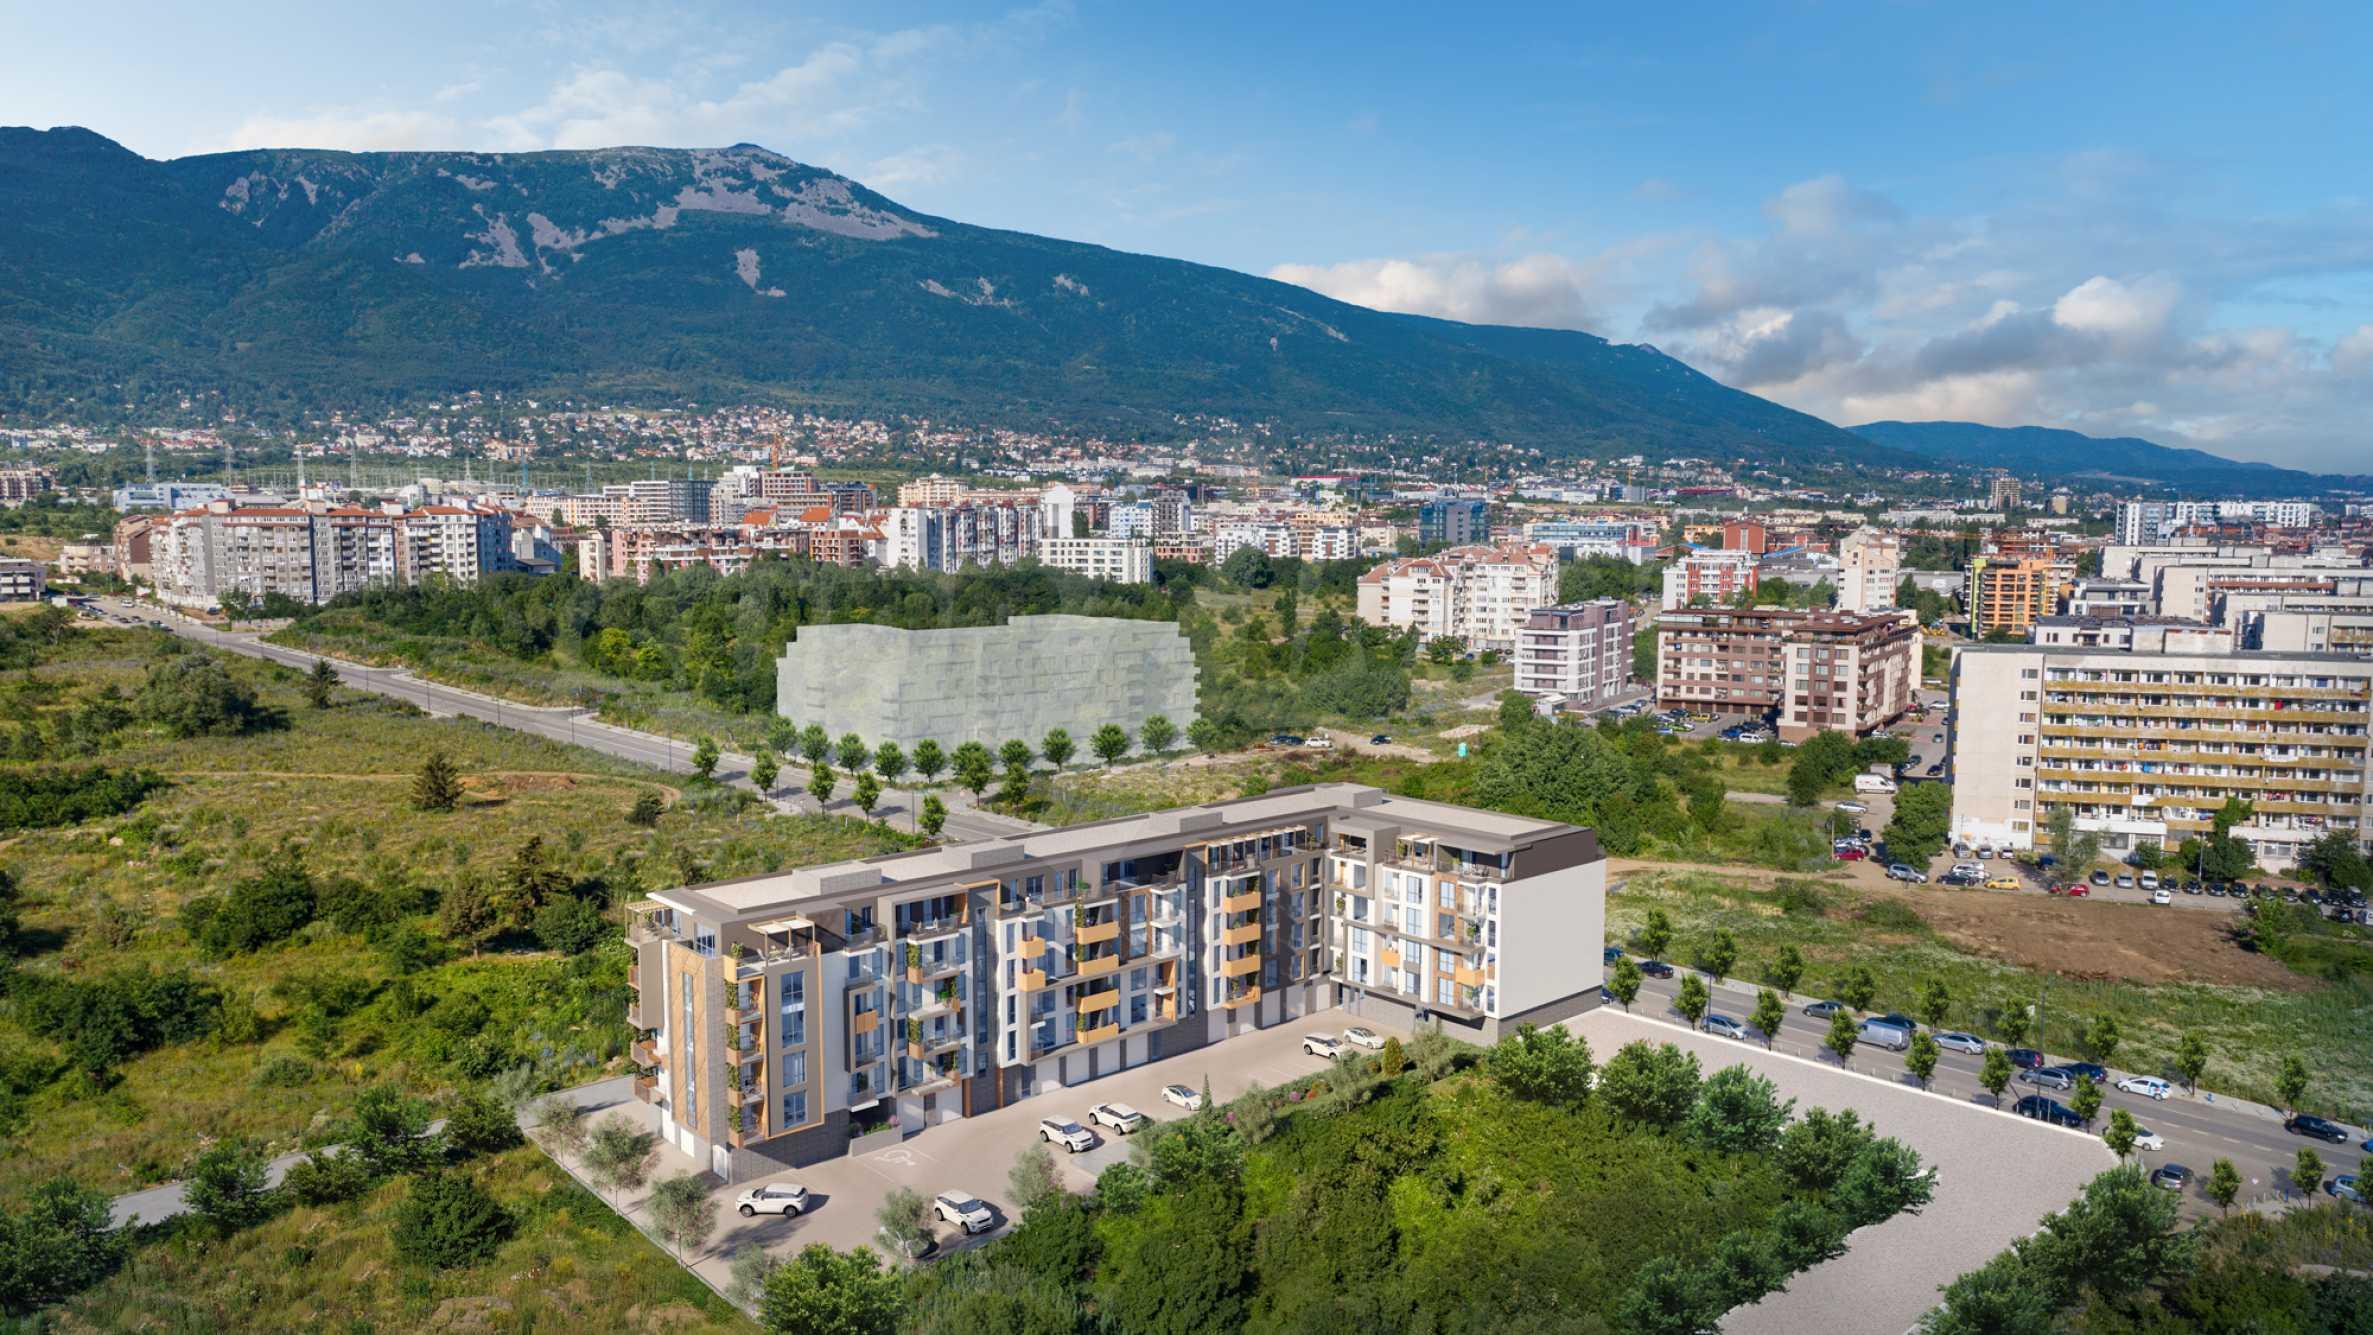 Ексклузивен комплекс на отлична локация в близост до бъдеща метростанция  2